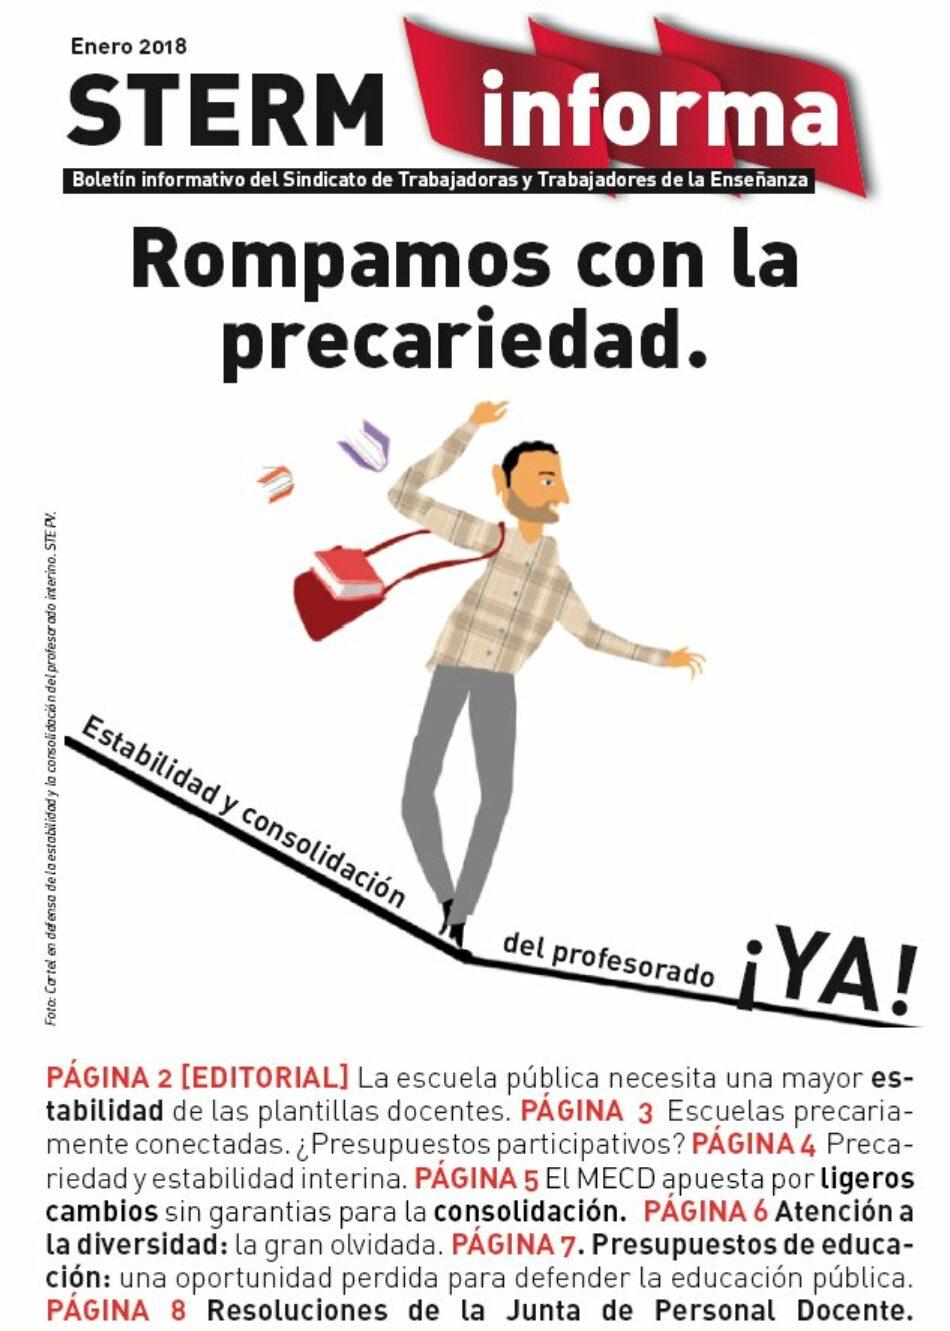 Denuncian la falta de profesorado en los centros educativos en la Región de Murcia